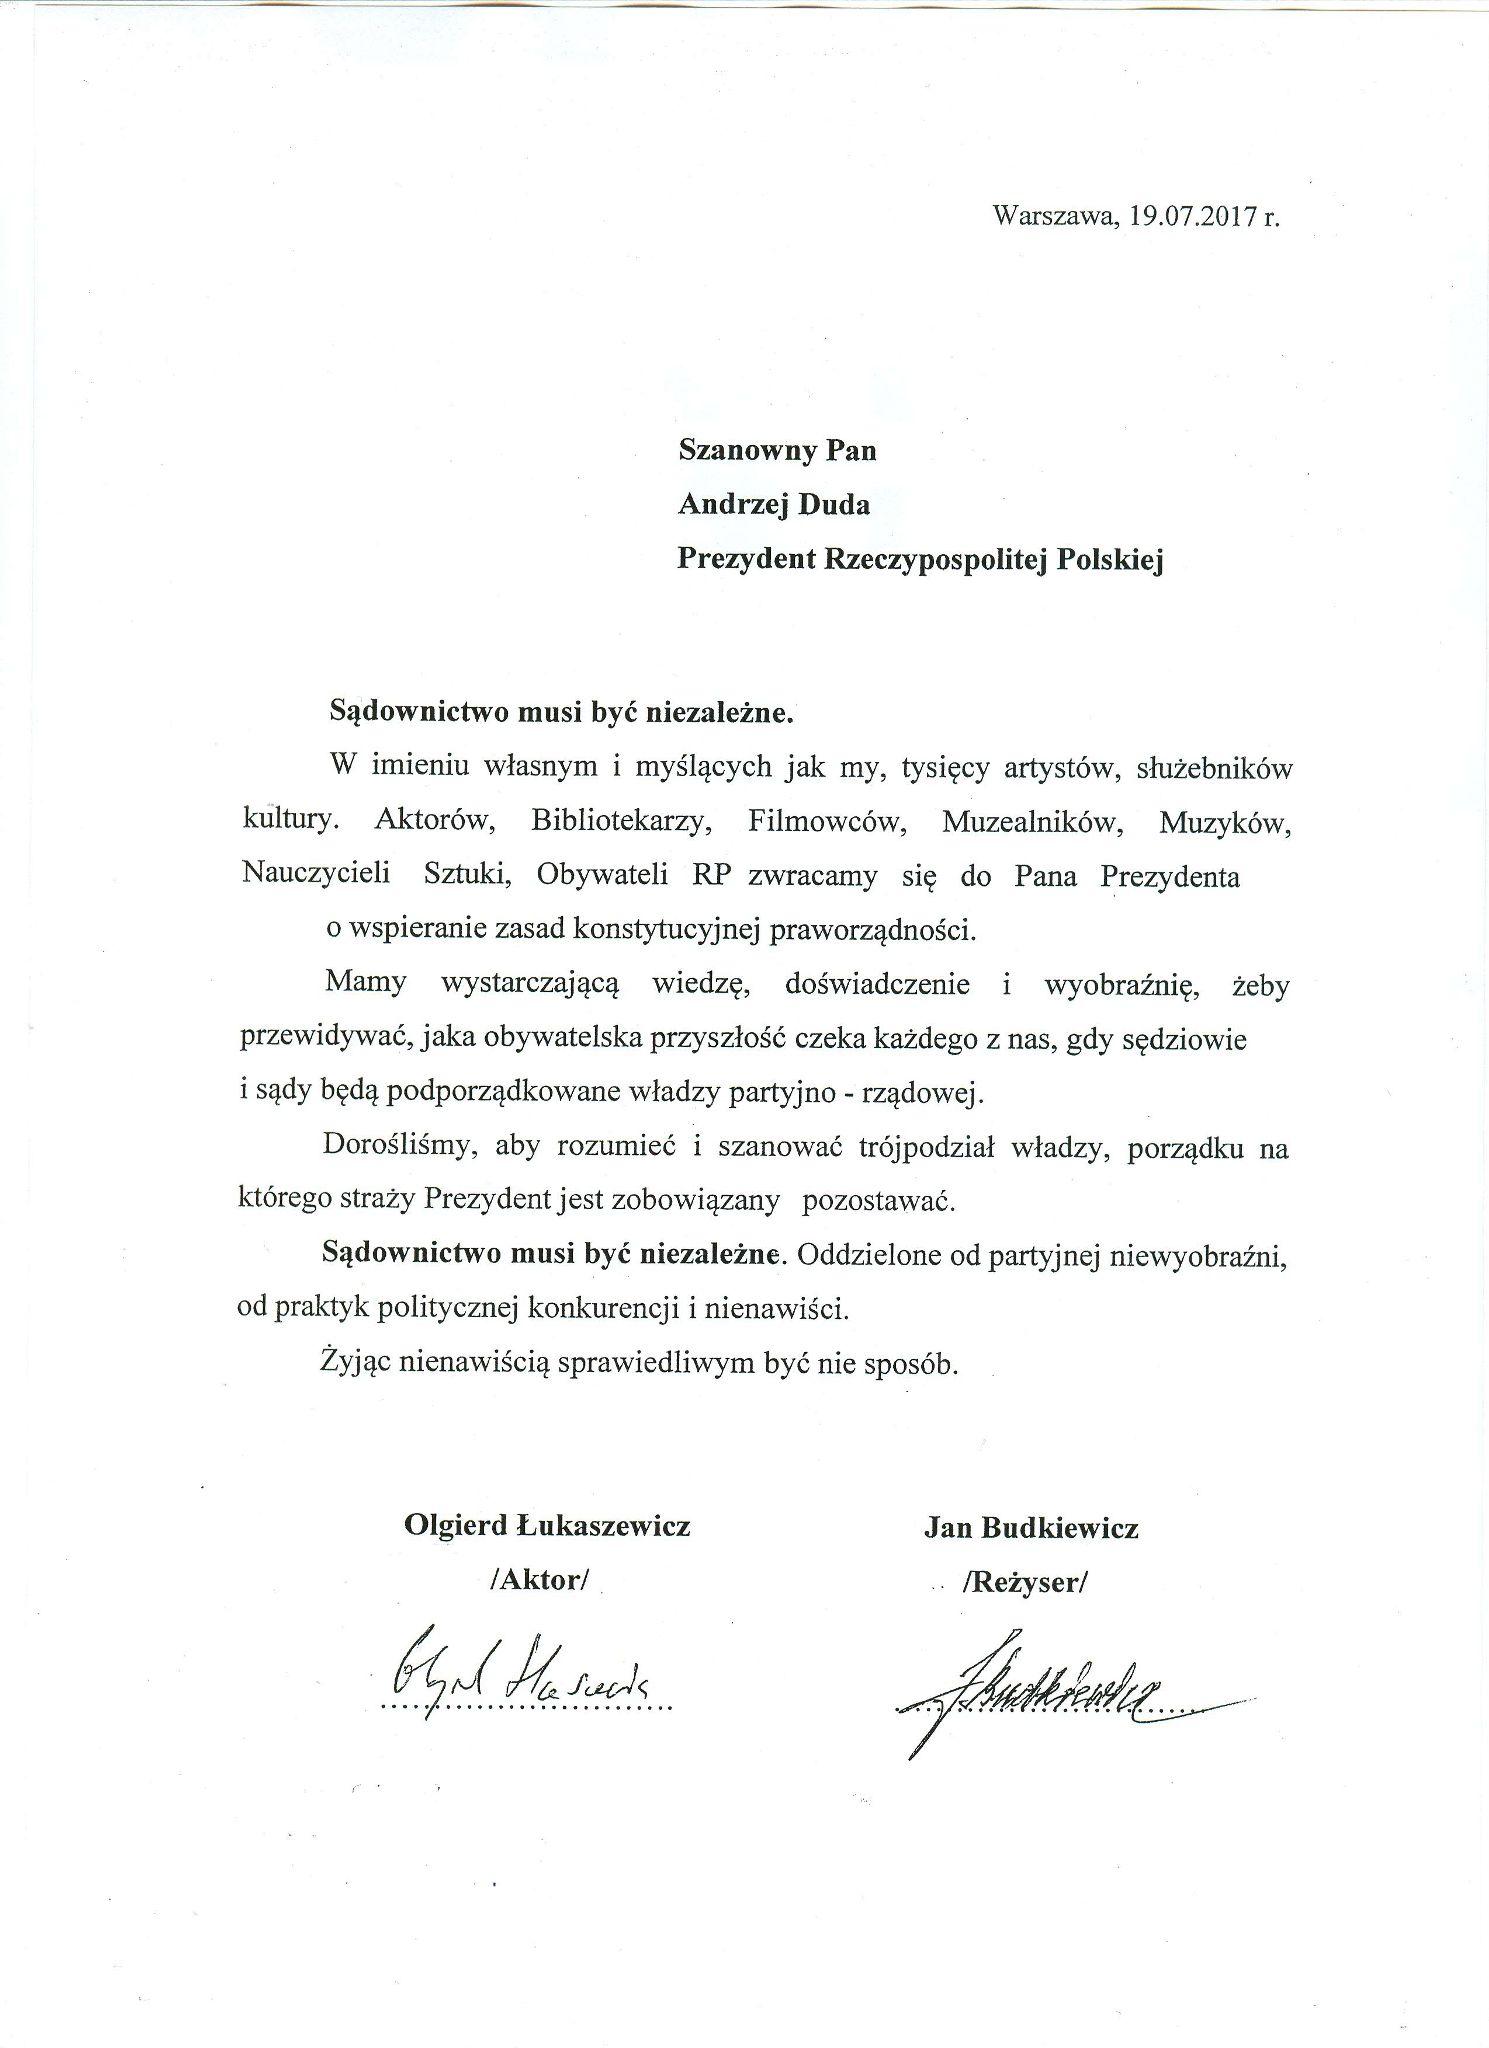 BlogStar: Olgierd Łukaszewicz: NIE MOŻNA MILCZEĆ - List do Prezydenta Andrzeja Dudy - BlogStar.pl